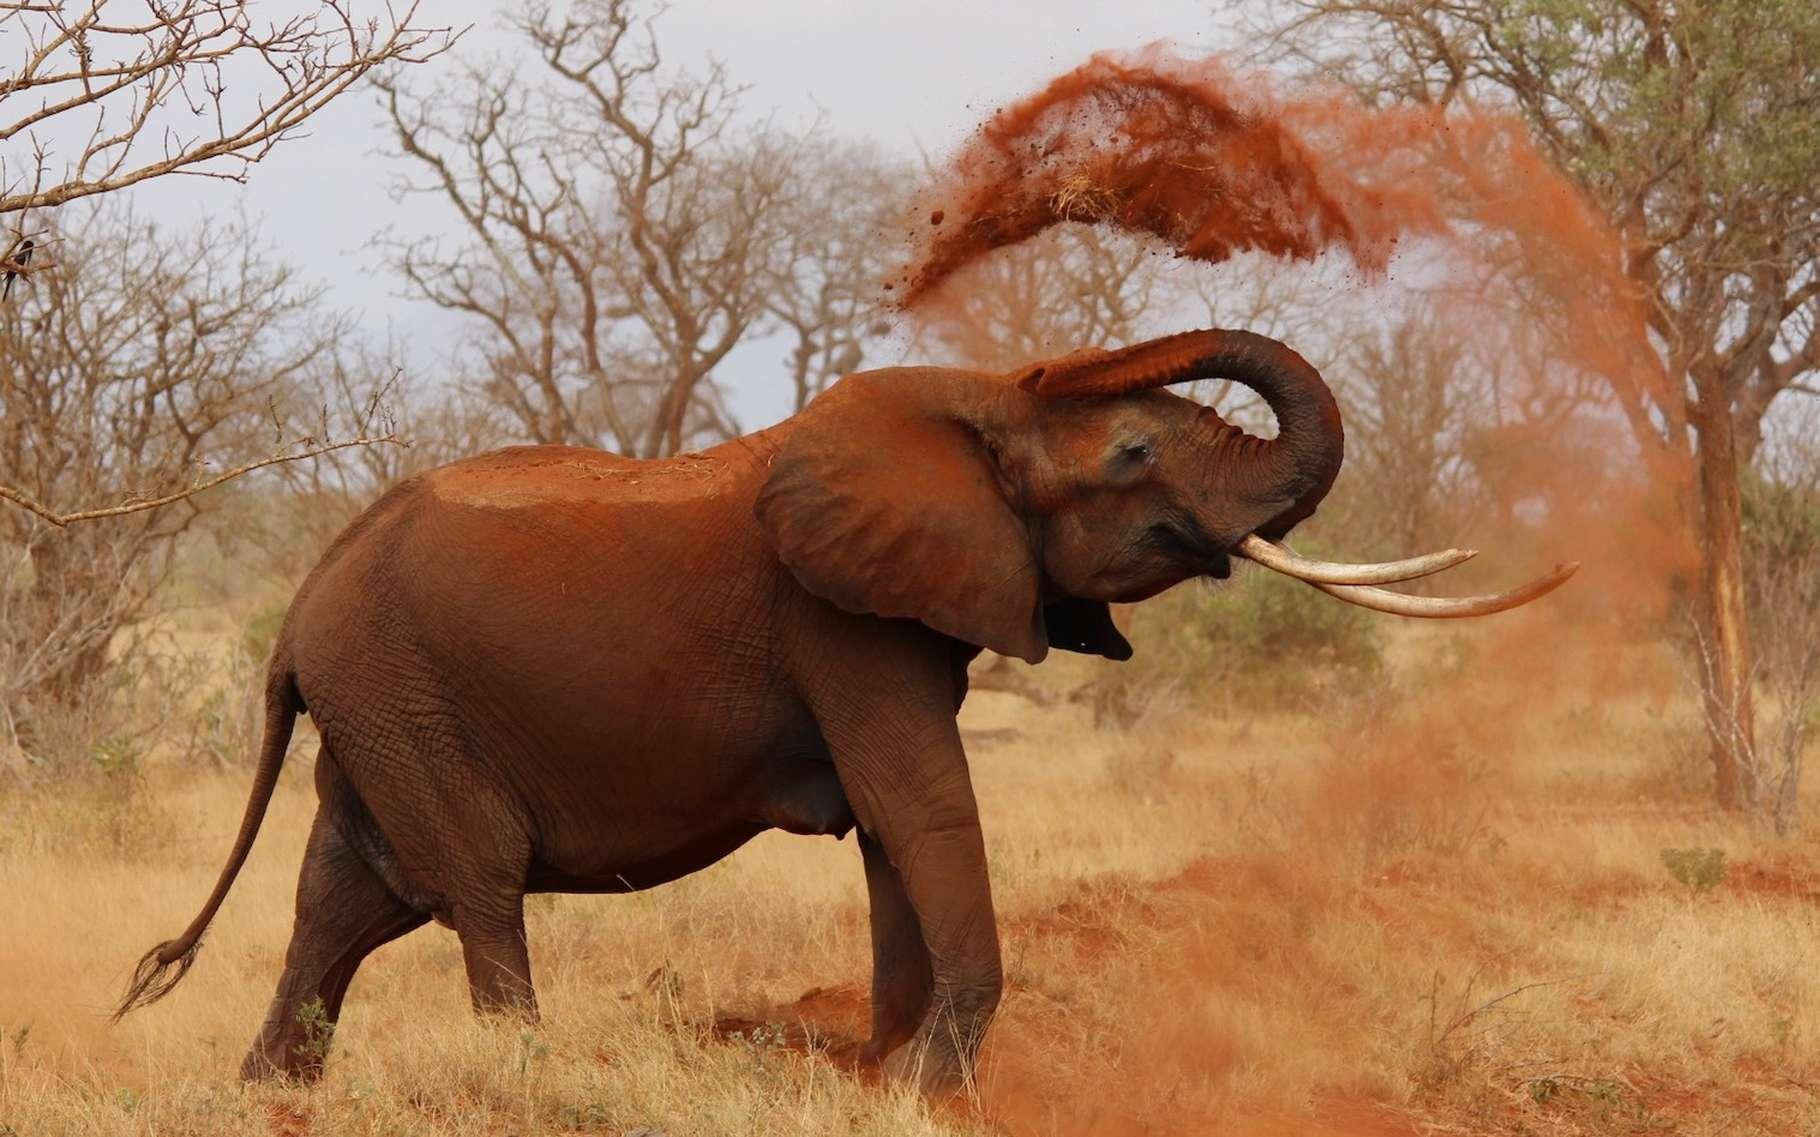 L'expérience du dentifrice de l'éléphant repose sur une ensemble de réactions chimiques qui produisent une sorte de mousse de volcan qui, en s'échappant d'une fiole, fait penser à un dentifrice qui sortirait d'un tube géant. © kijatani, Pixabay License